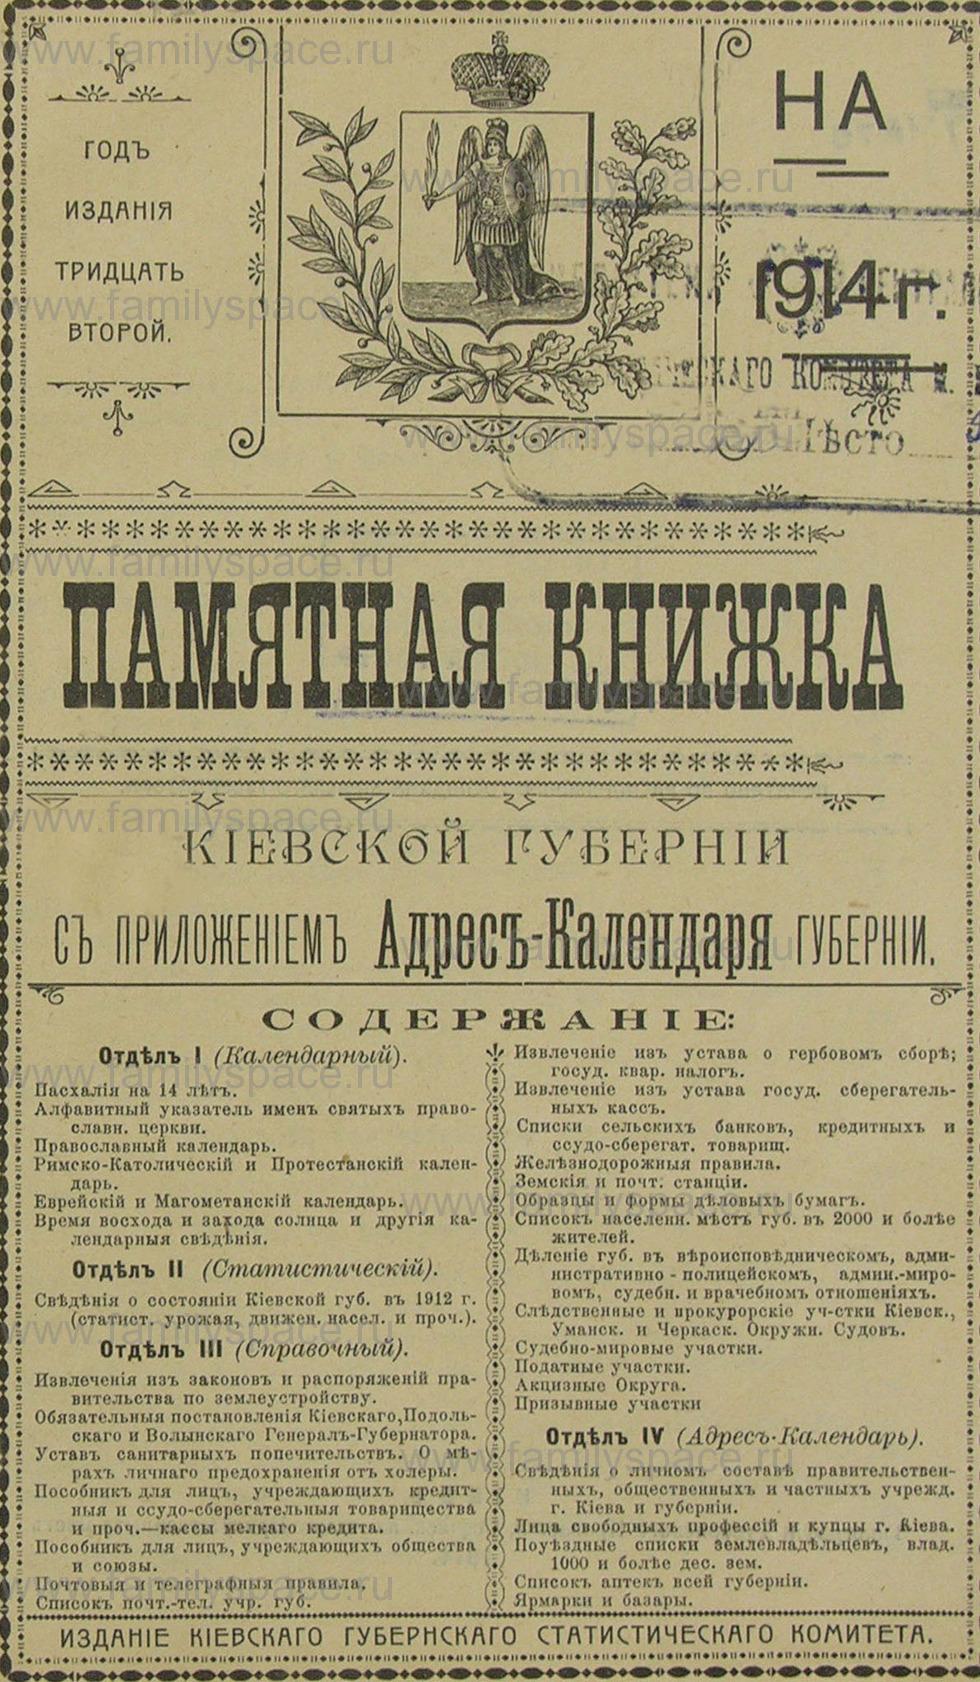 Поиск по фамилии - Памятная книжка Киевской губернии на 1914 год, страница 1